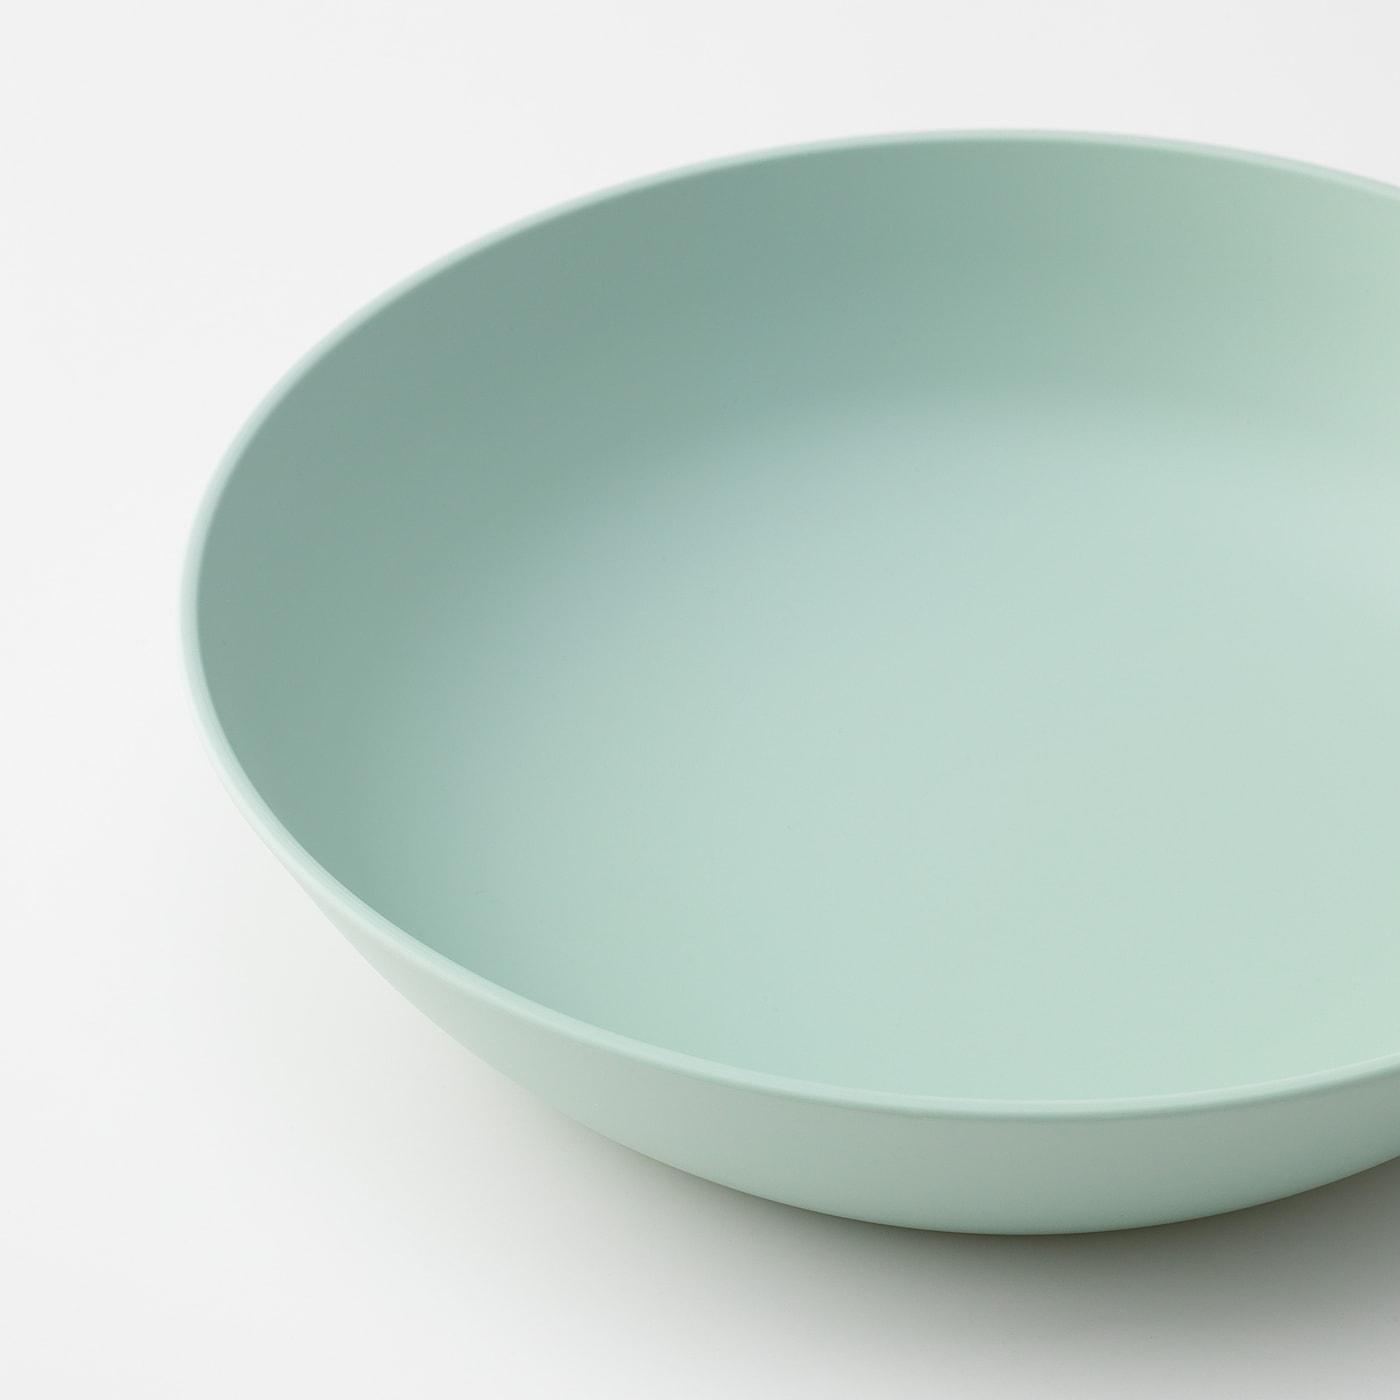 TALRIKA deep plate light green 5 cm 20 cm 4 pack